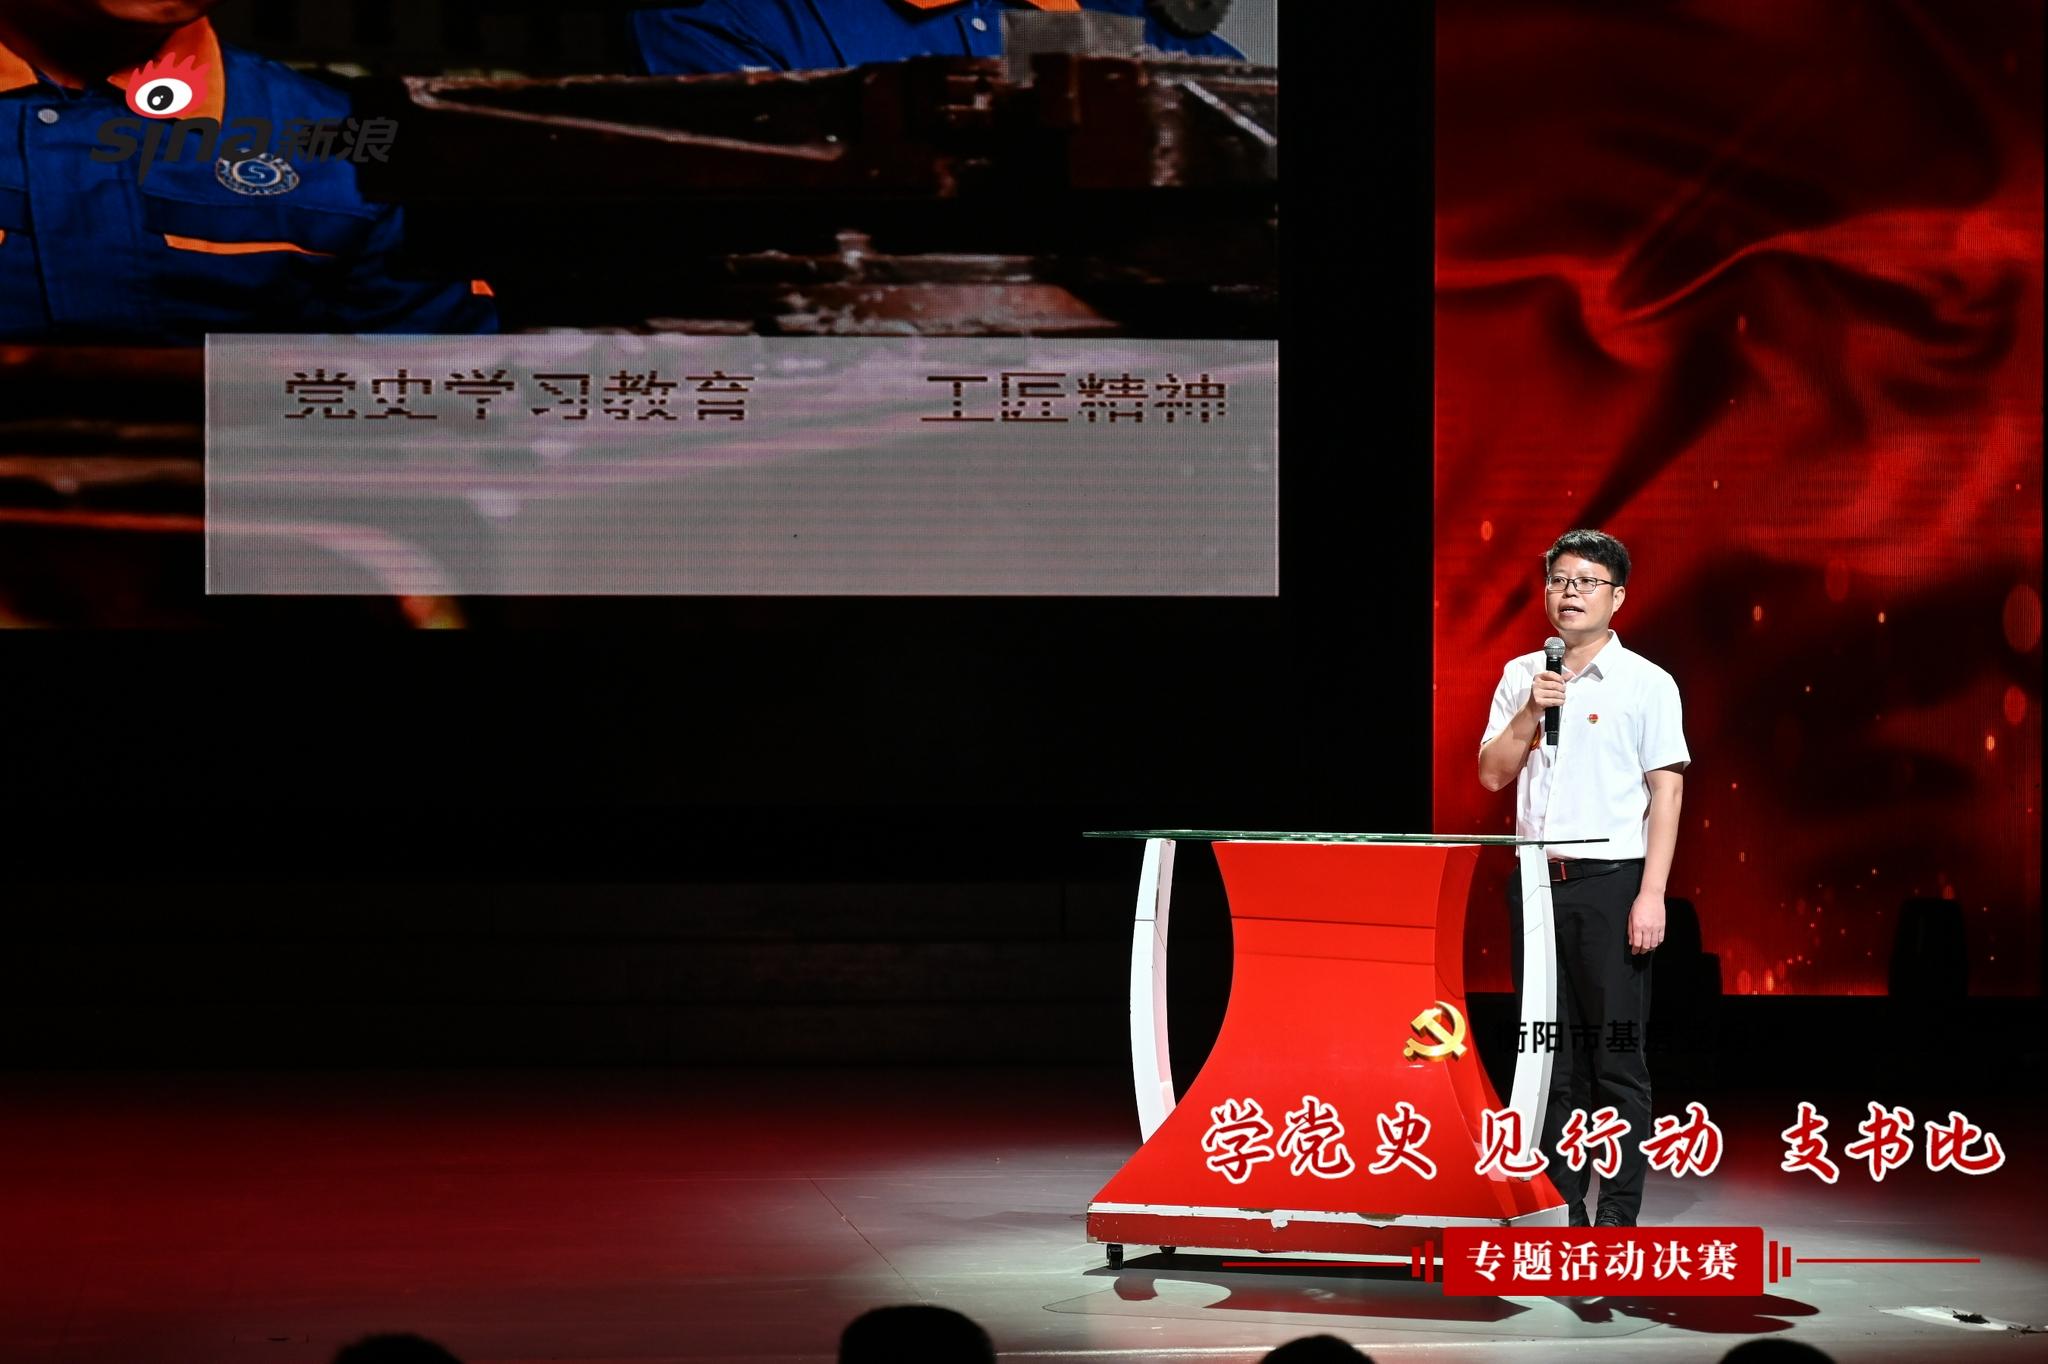 衡阳技师学院模具设计与制造系教工党支部书记 于定文